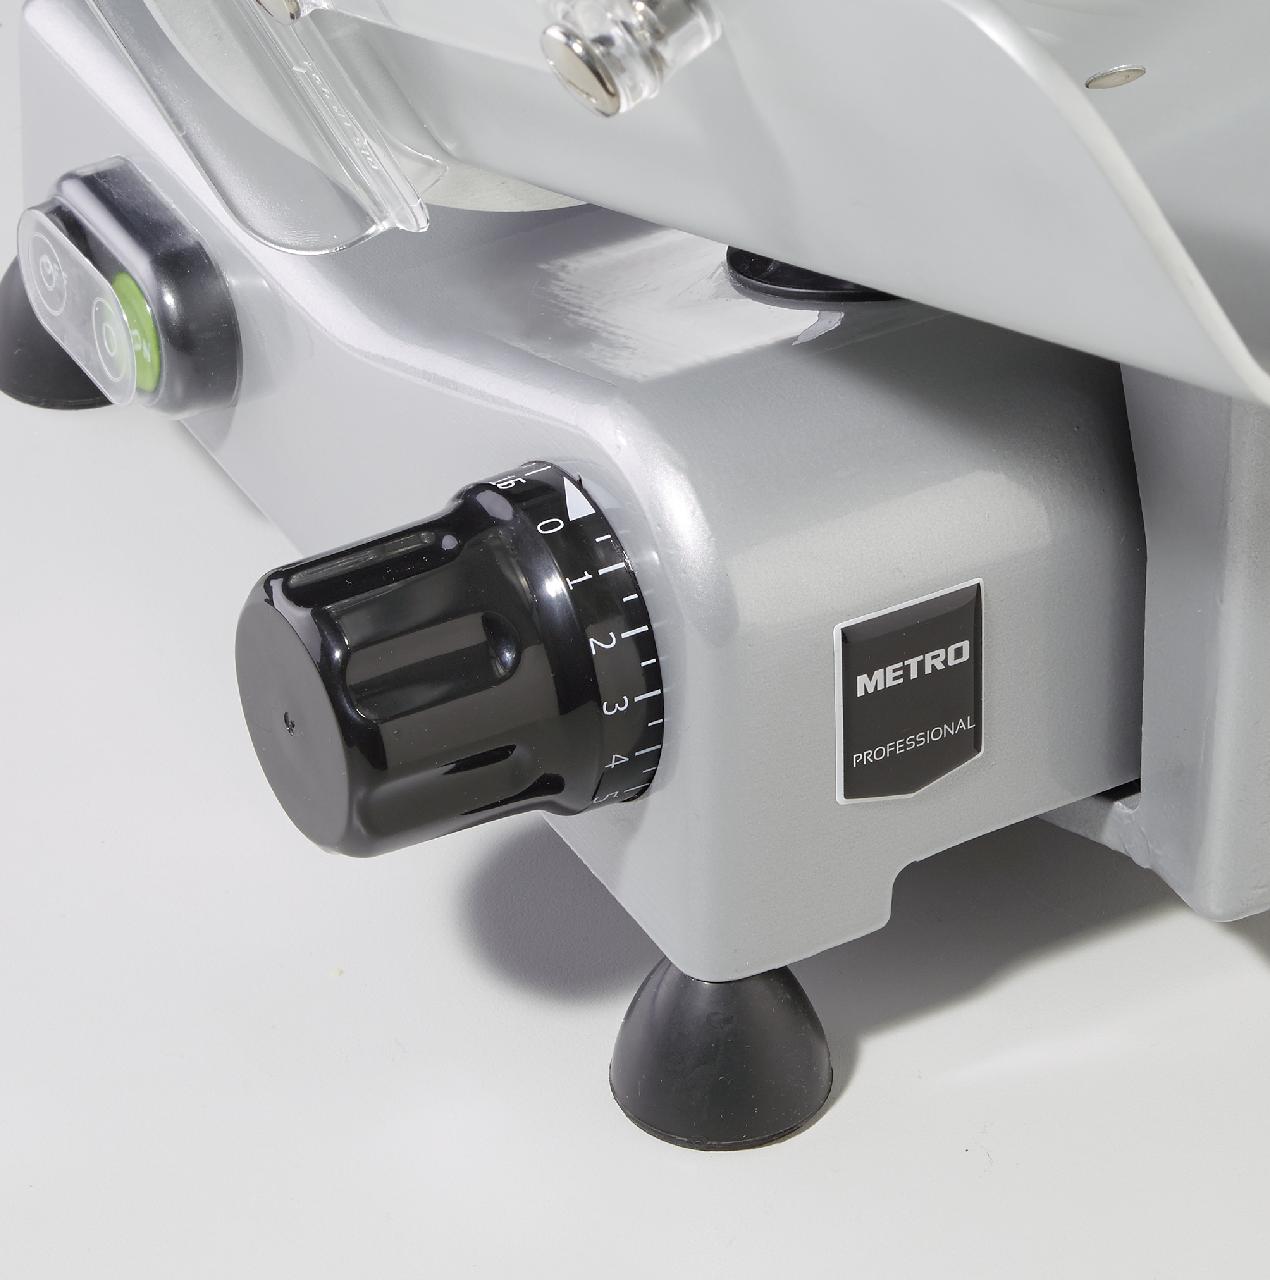 Amica Kühlschrank Metro : Metro professional schneidemaschine gfs edelstahl schneiden